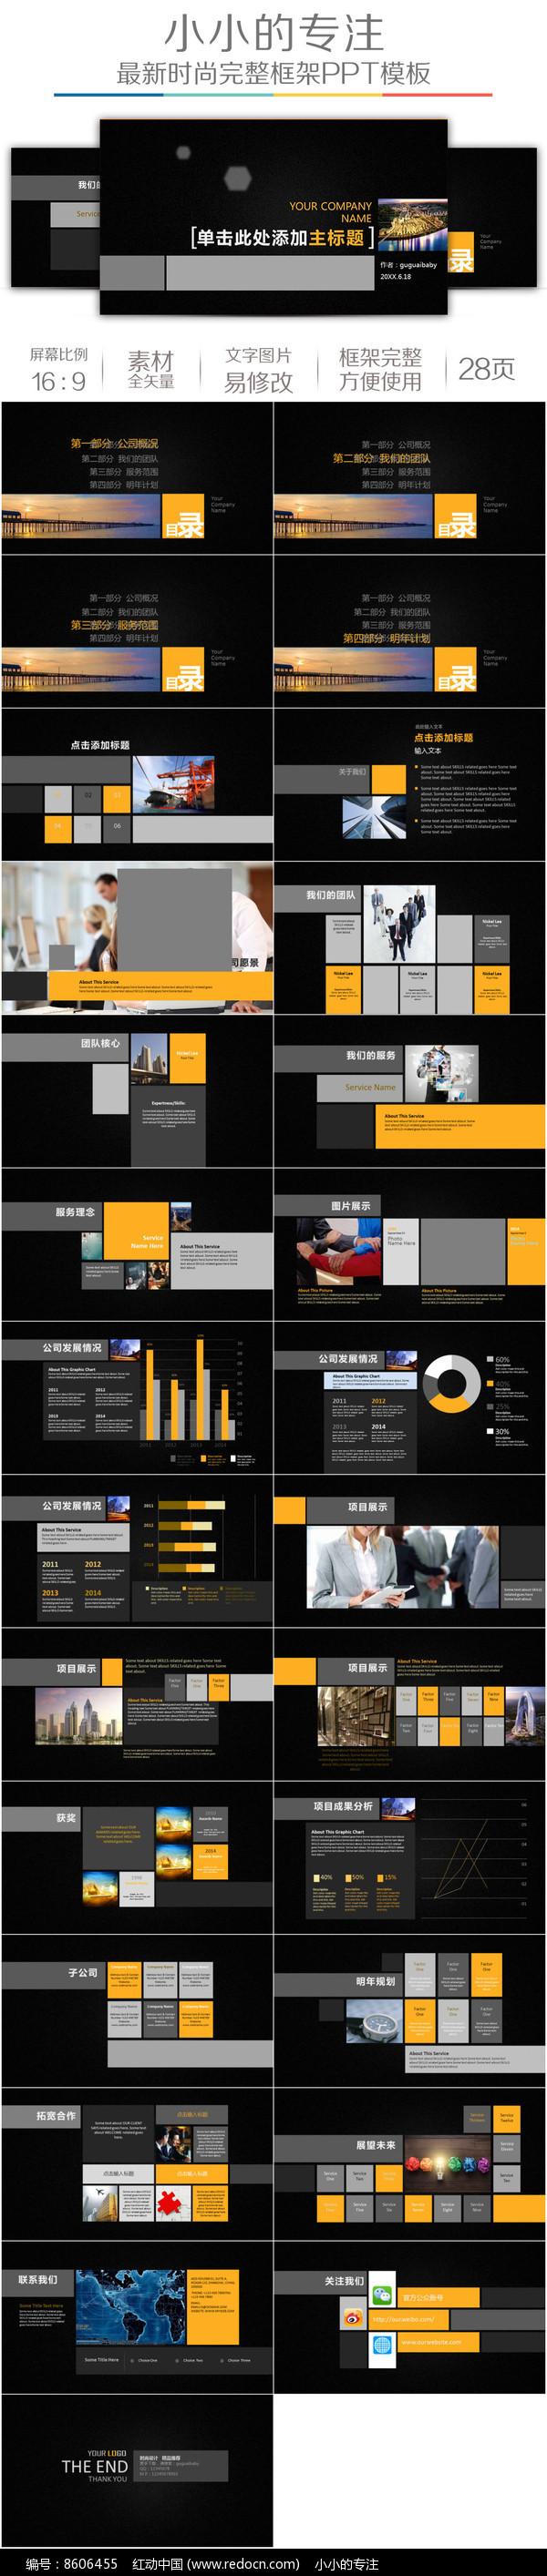 黑色高雅企业宣传产品发布模板图片